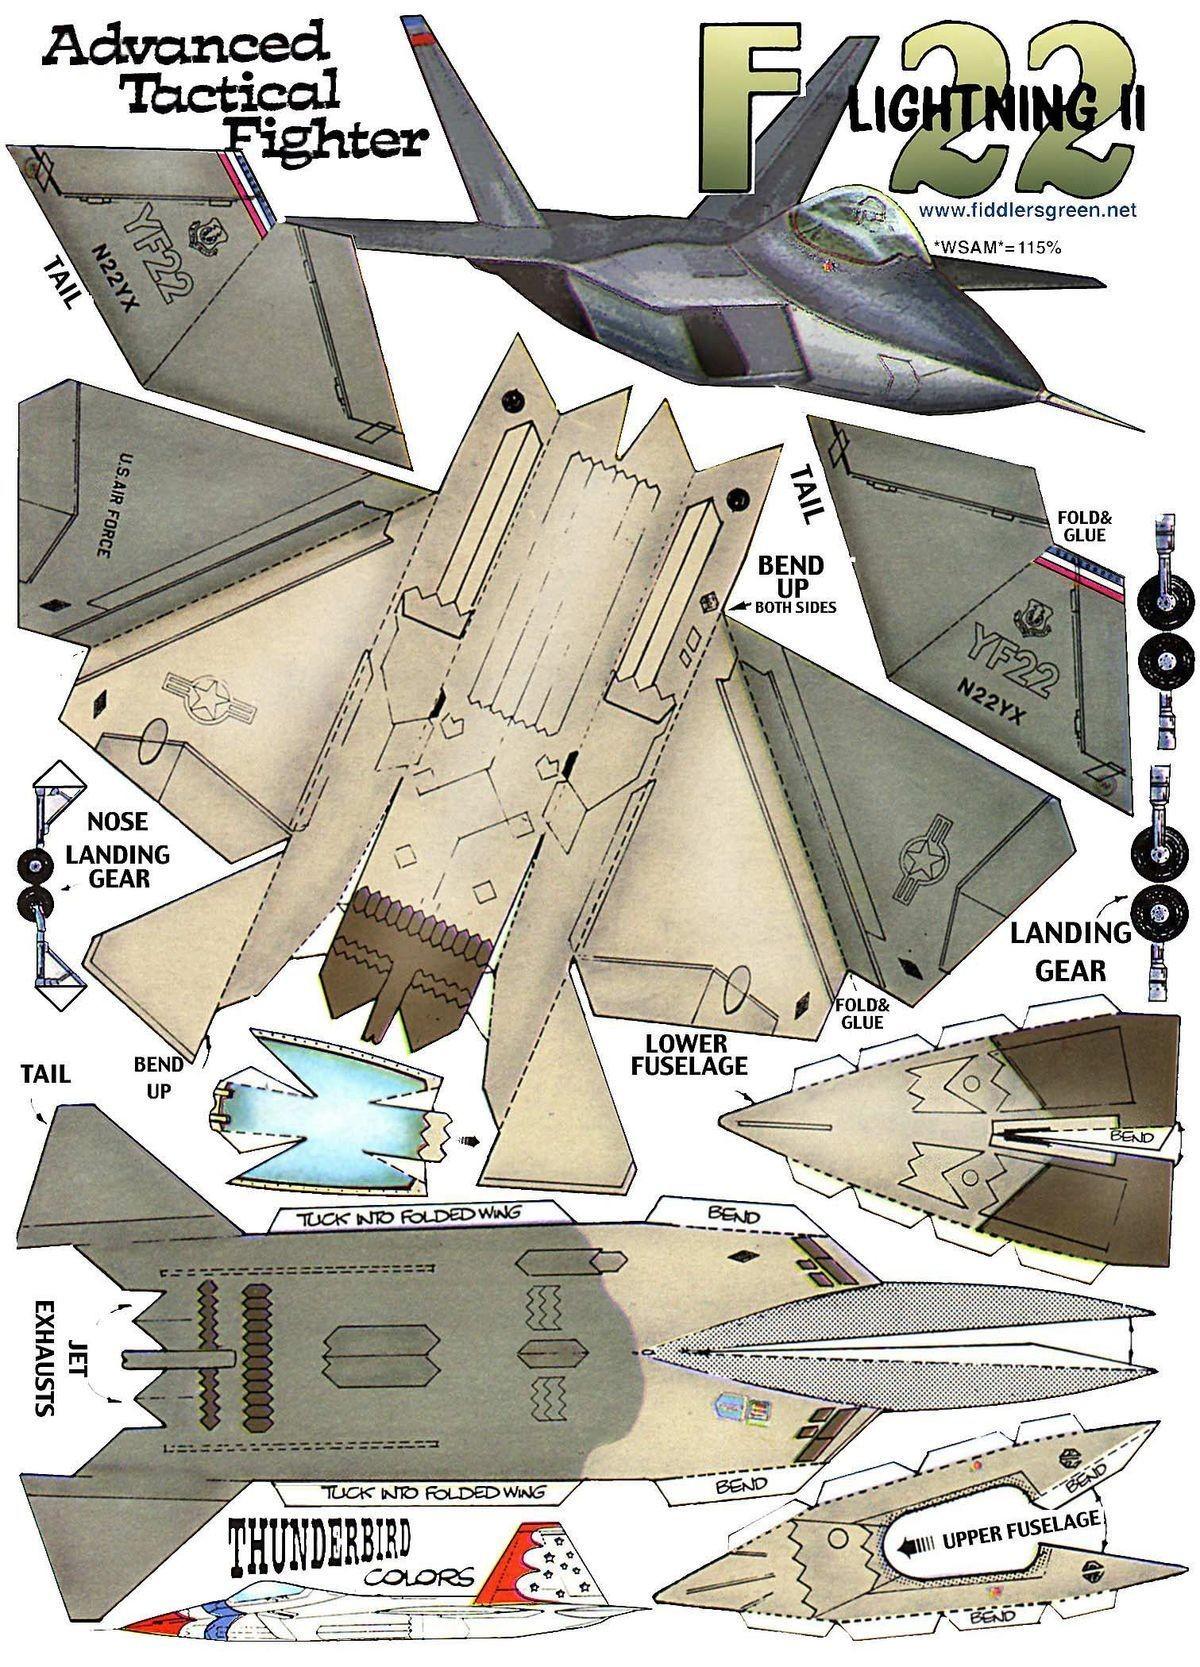 Papercraft Jet 6f182ac D378aaebcb9a A0 1 200—1 667 Pixels